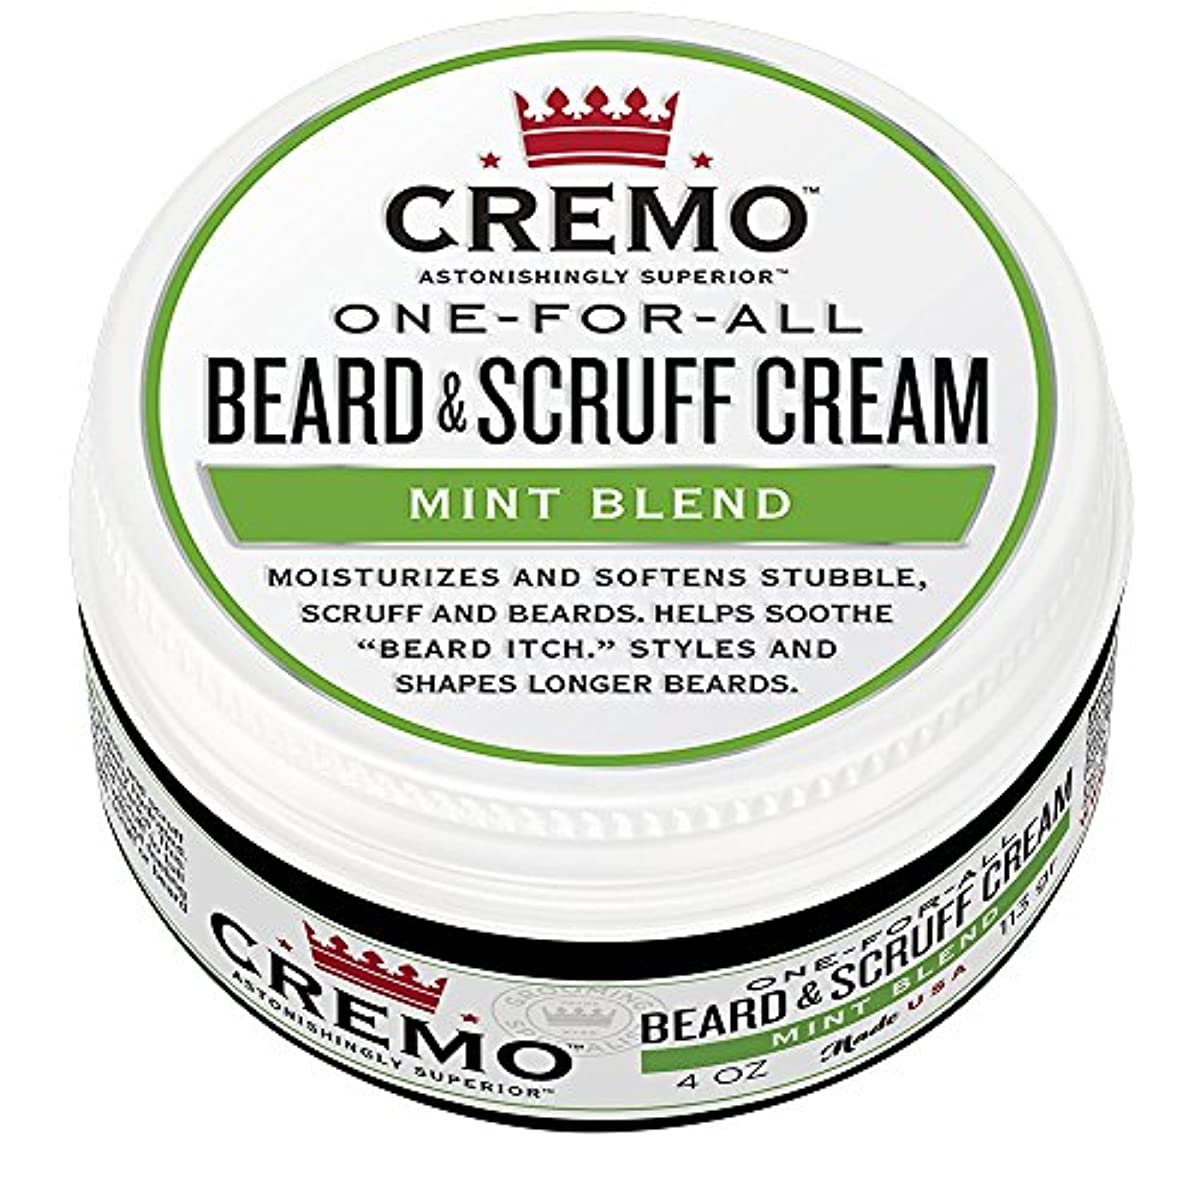 無傷ショッキング昼間Cremo ビアード&首筋クリーム、ミントのブレンドの香り、潤い、スタイルとひげのすべての長さについてはビアードかゆみを軽減し、4オンスをブレンド、包装は変更になる場合があります